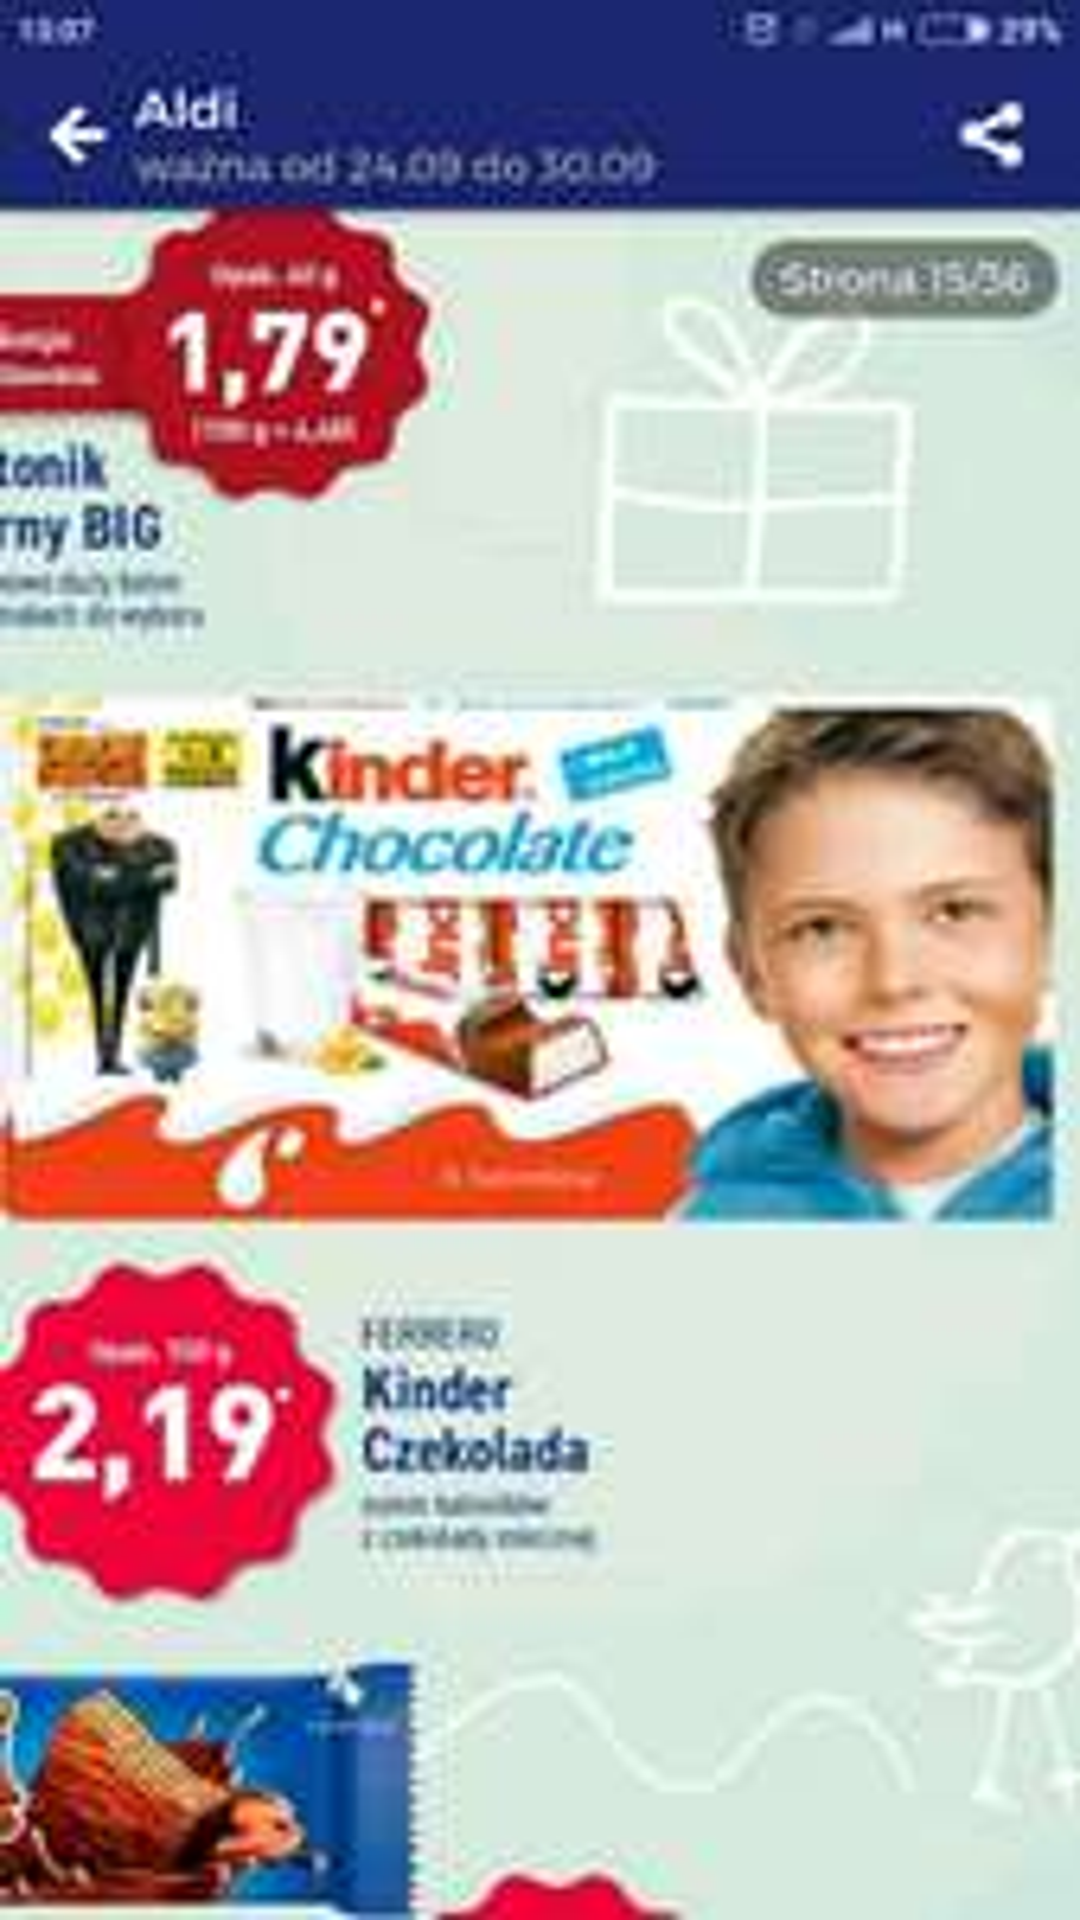 Czekolada Kinder 100g w Aldim (możliwy błąd w gazetce)